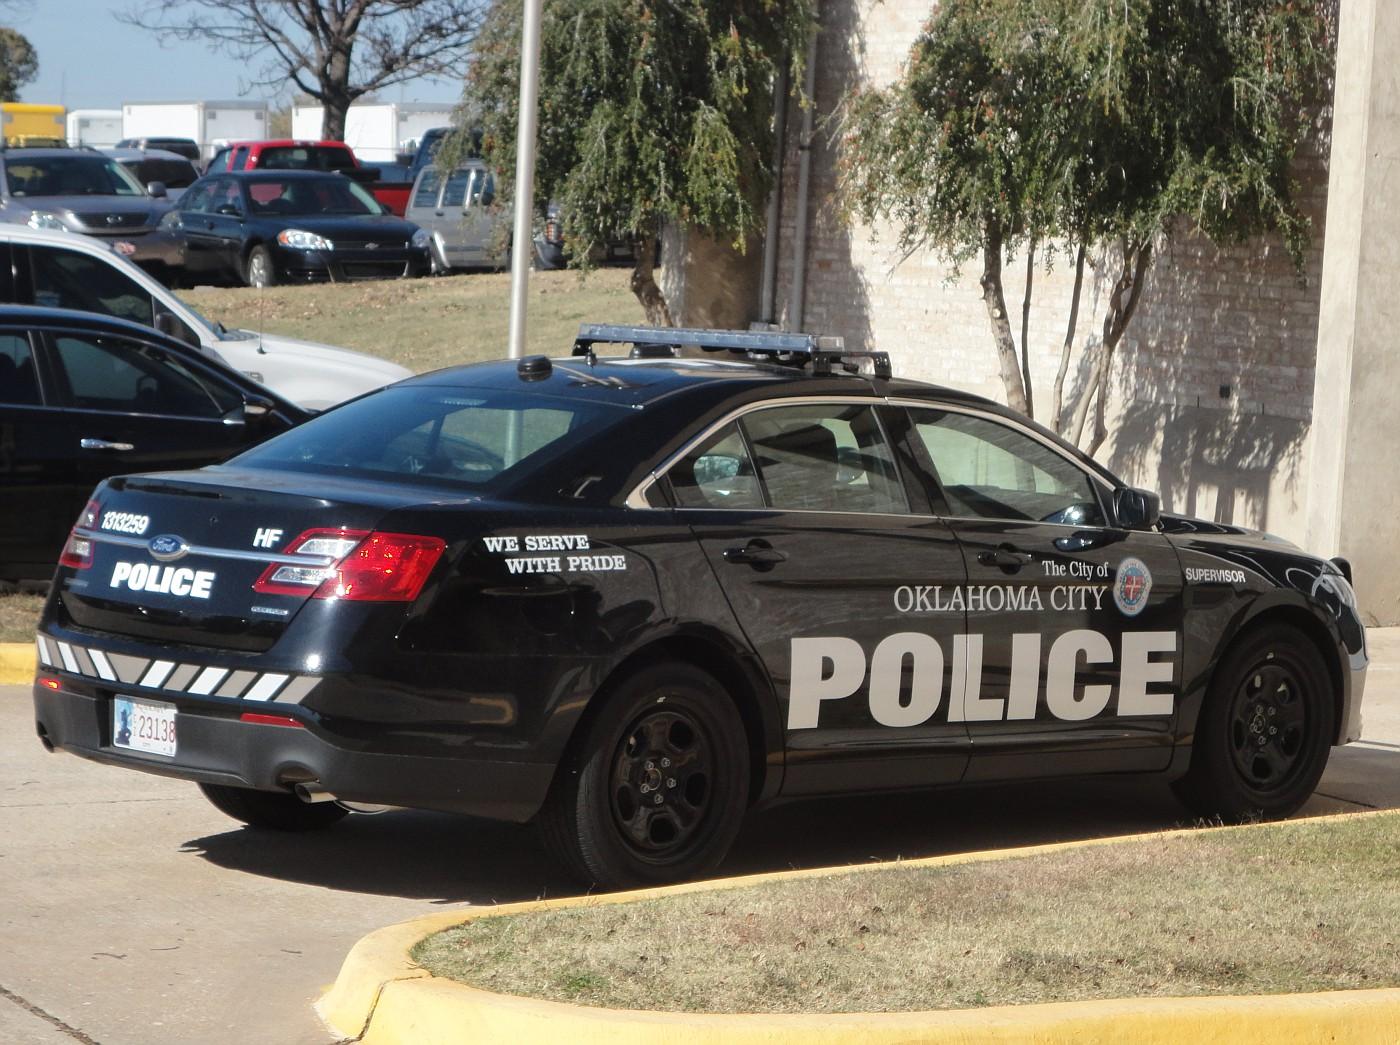 OK - Oklahoma City Police